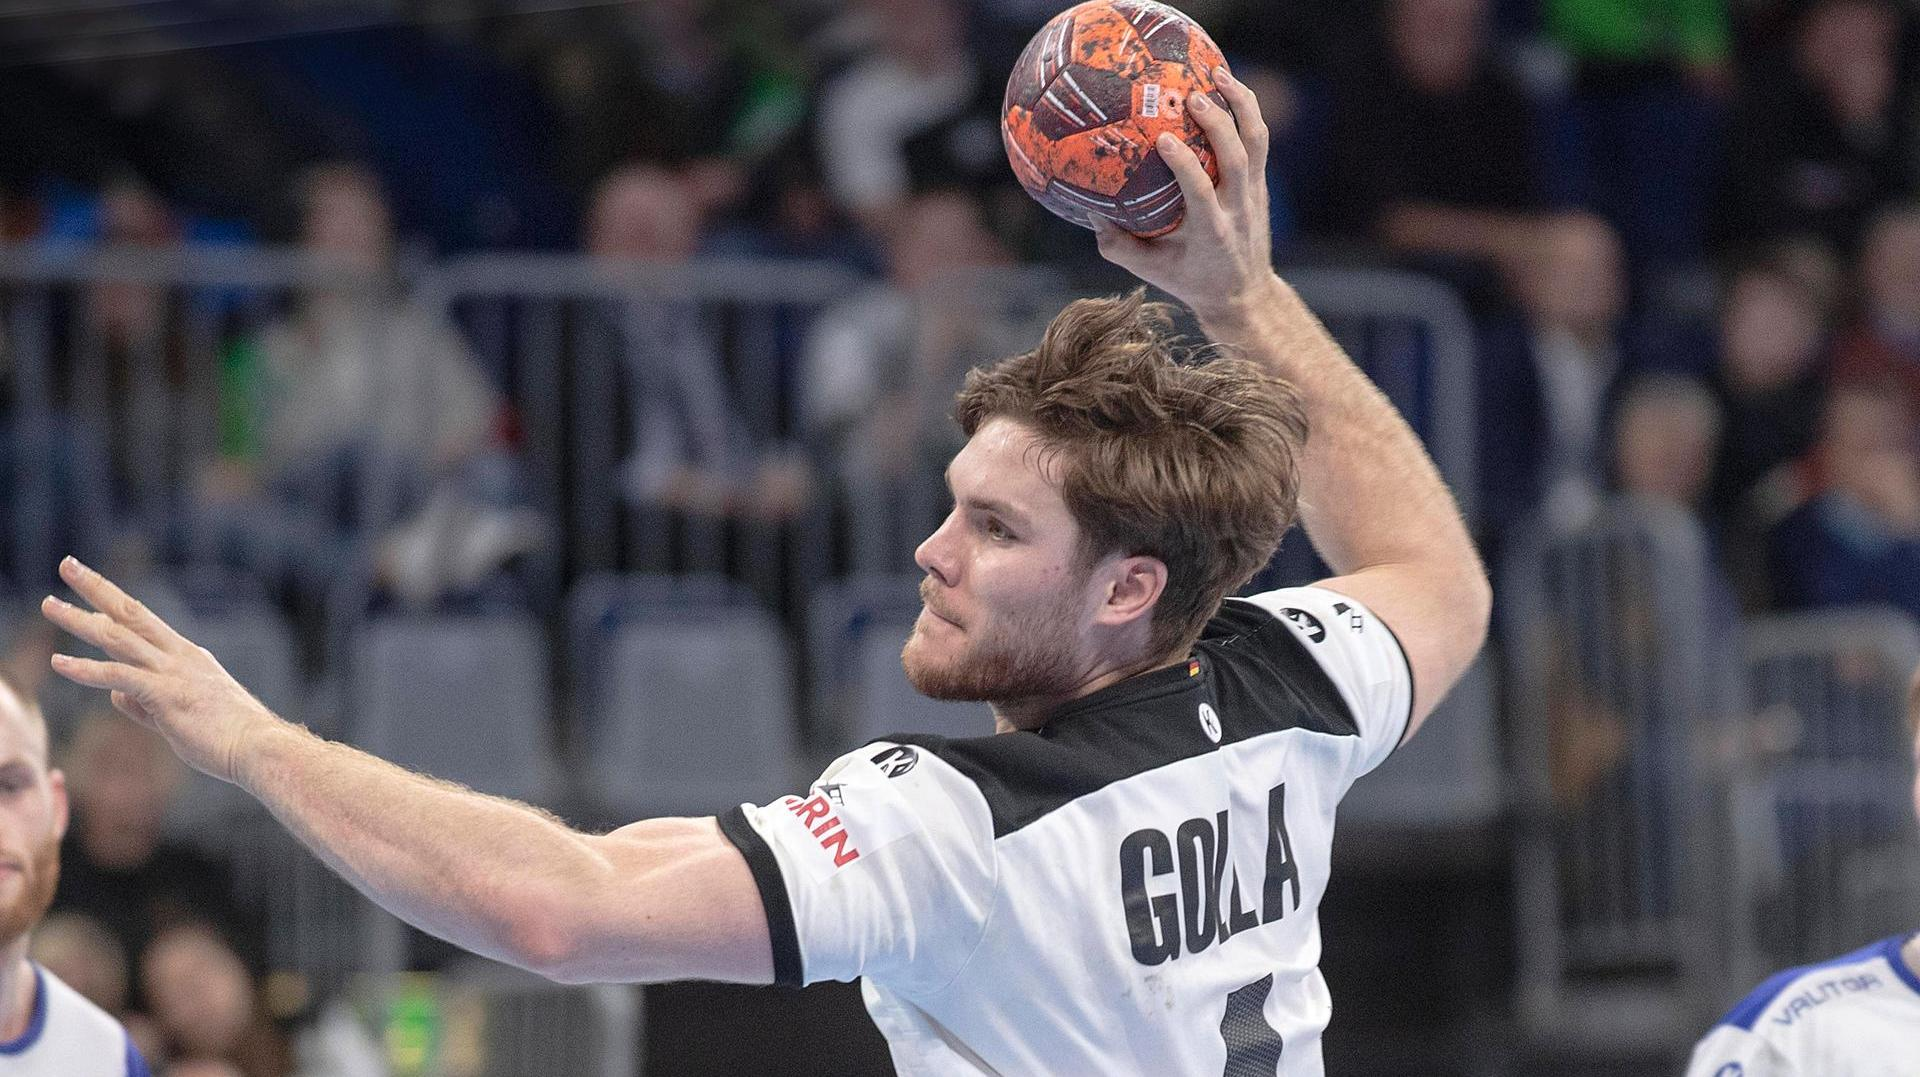 Golla Handball